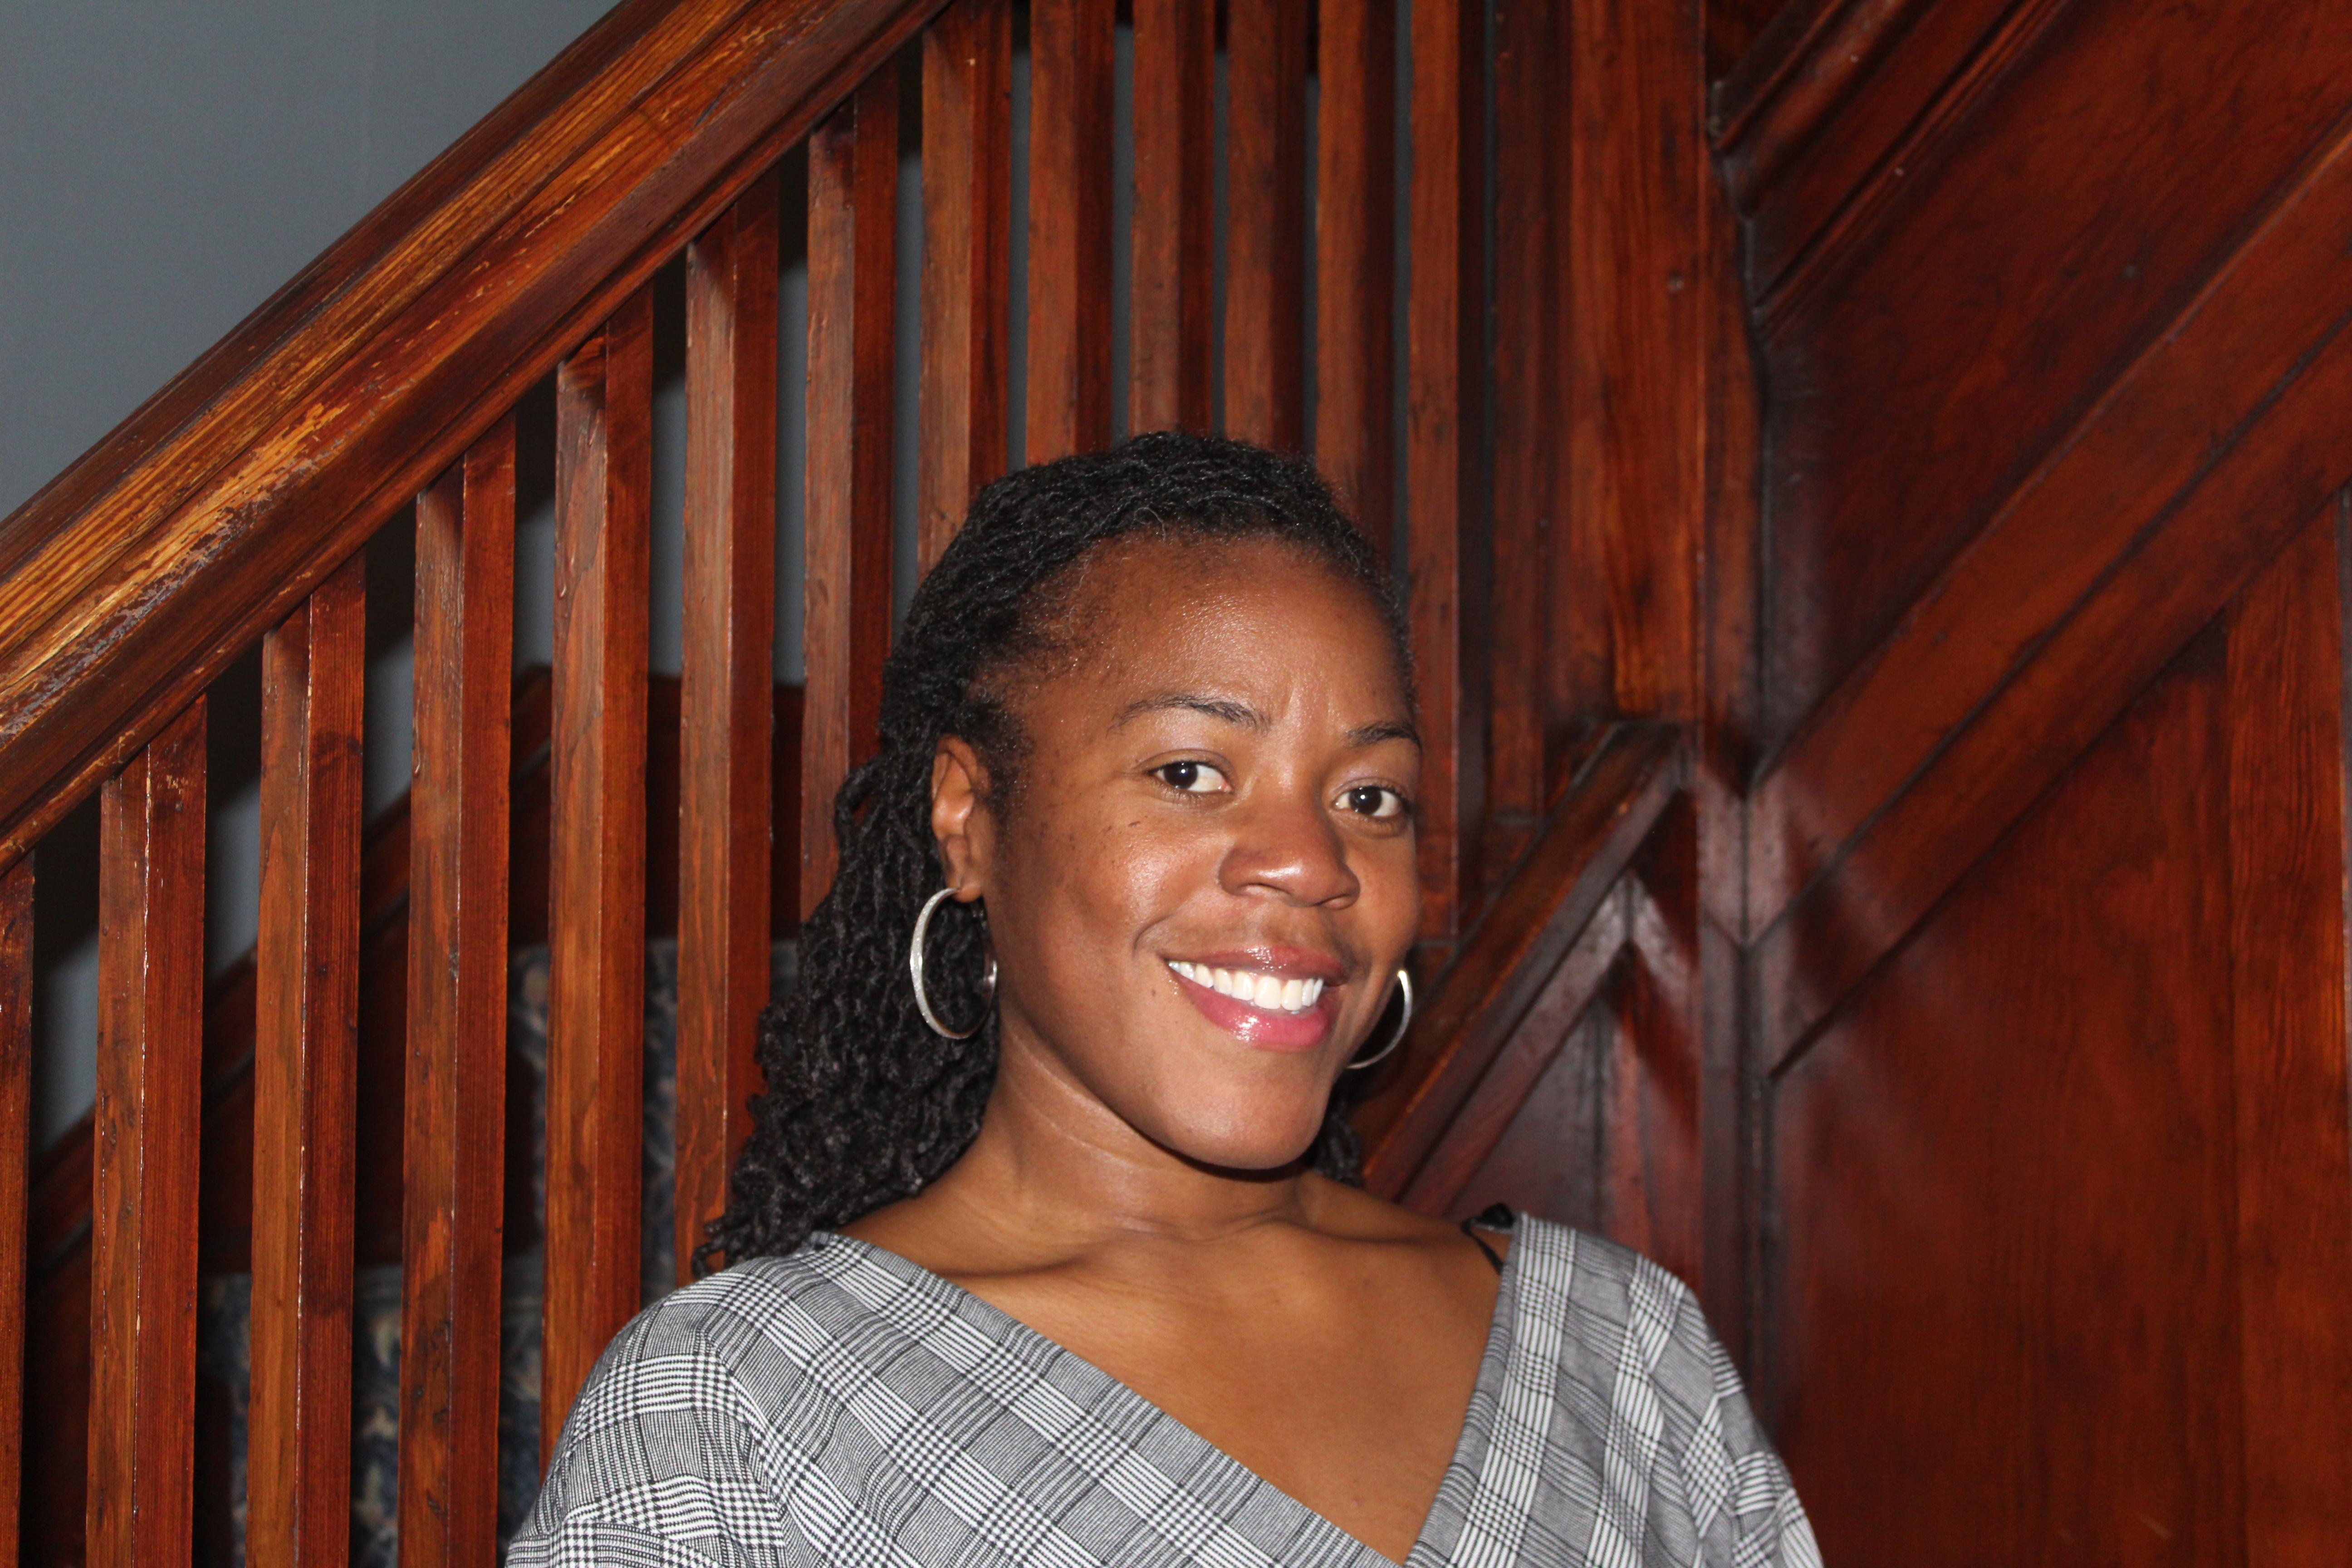 Tasha Jackson